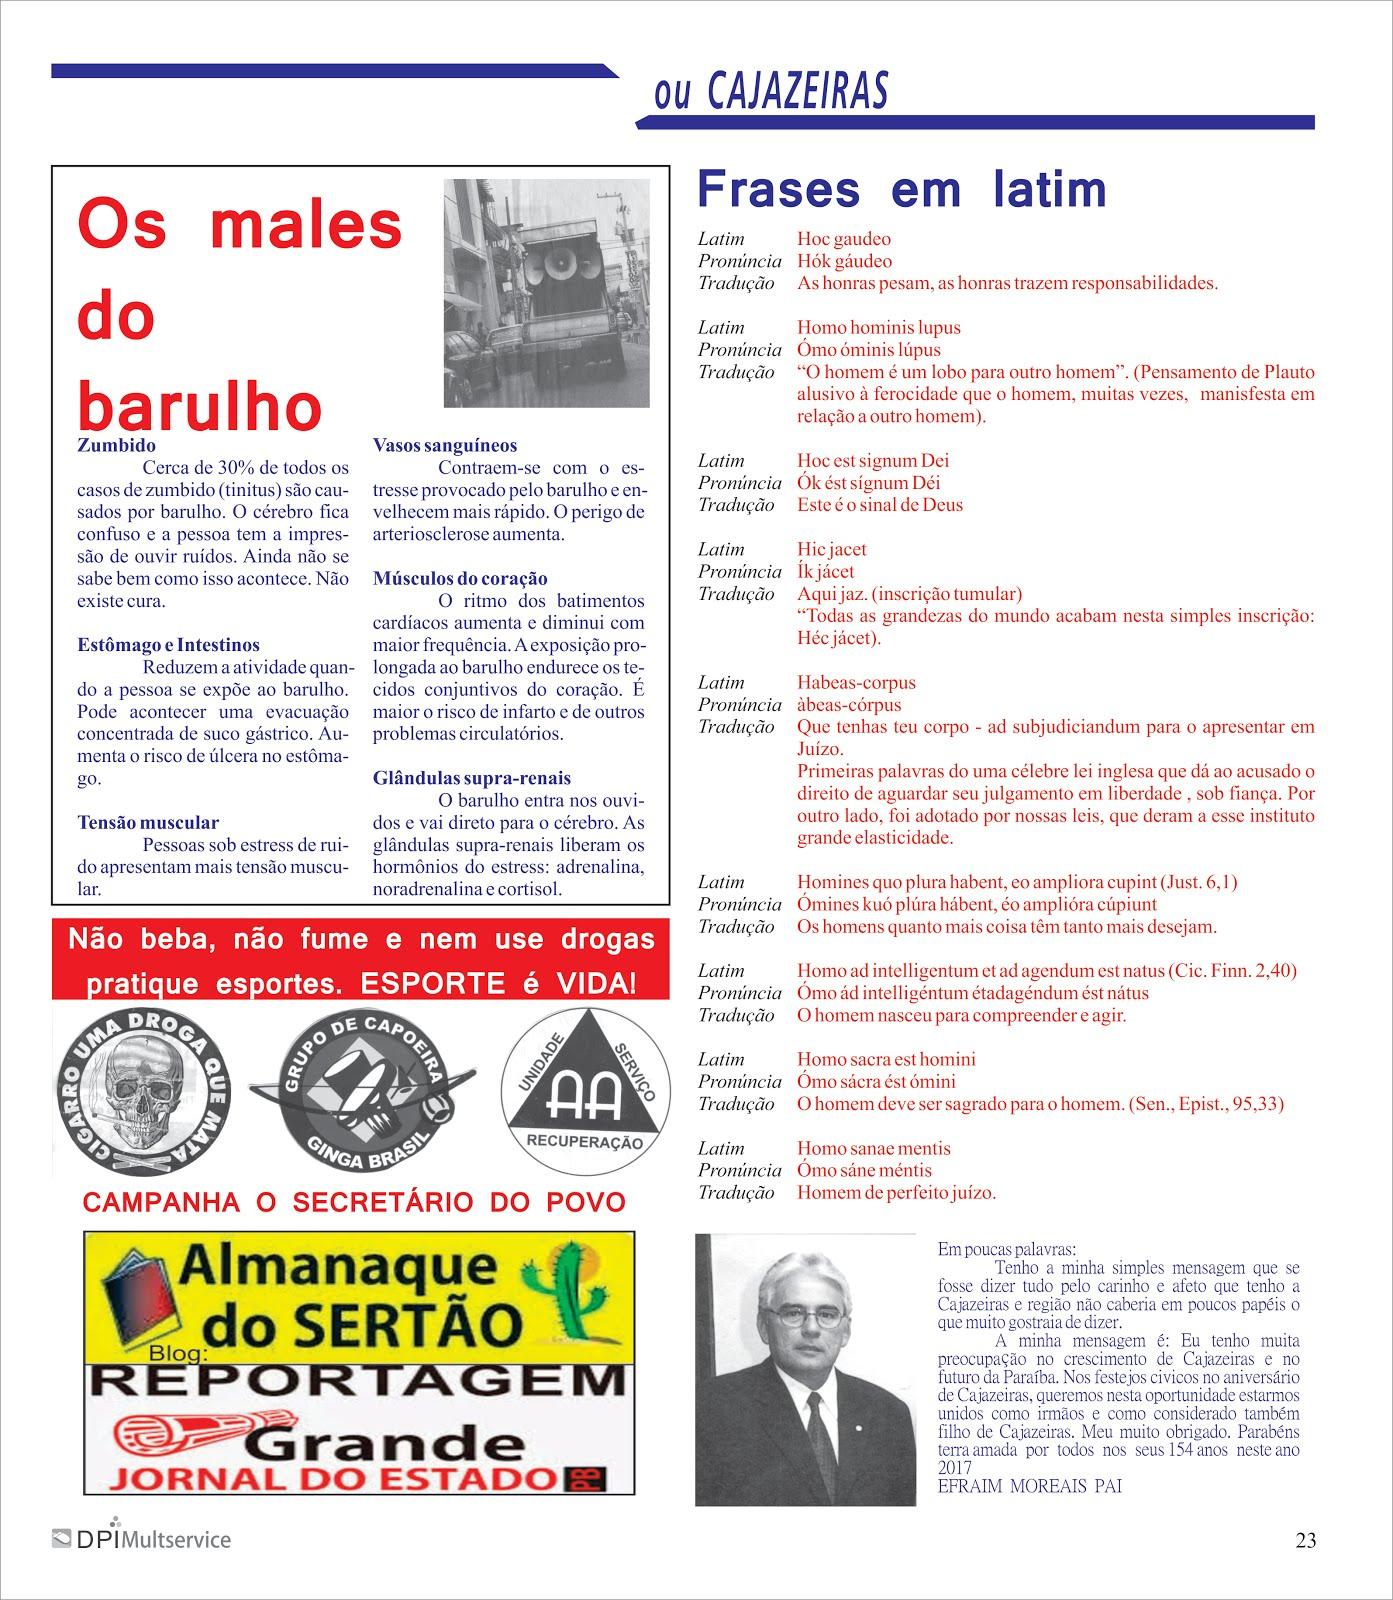 OUTROS  TEMA  DA REVISTA CAJAZEIRAS  PB